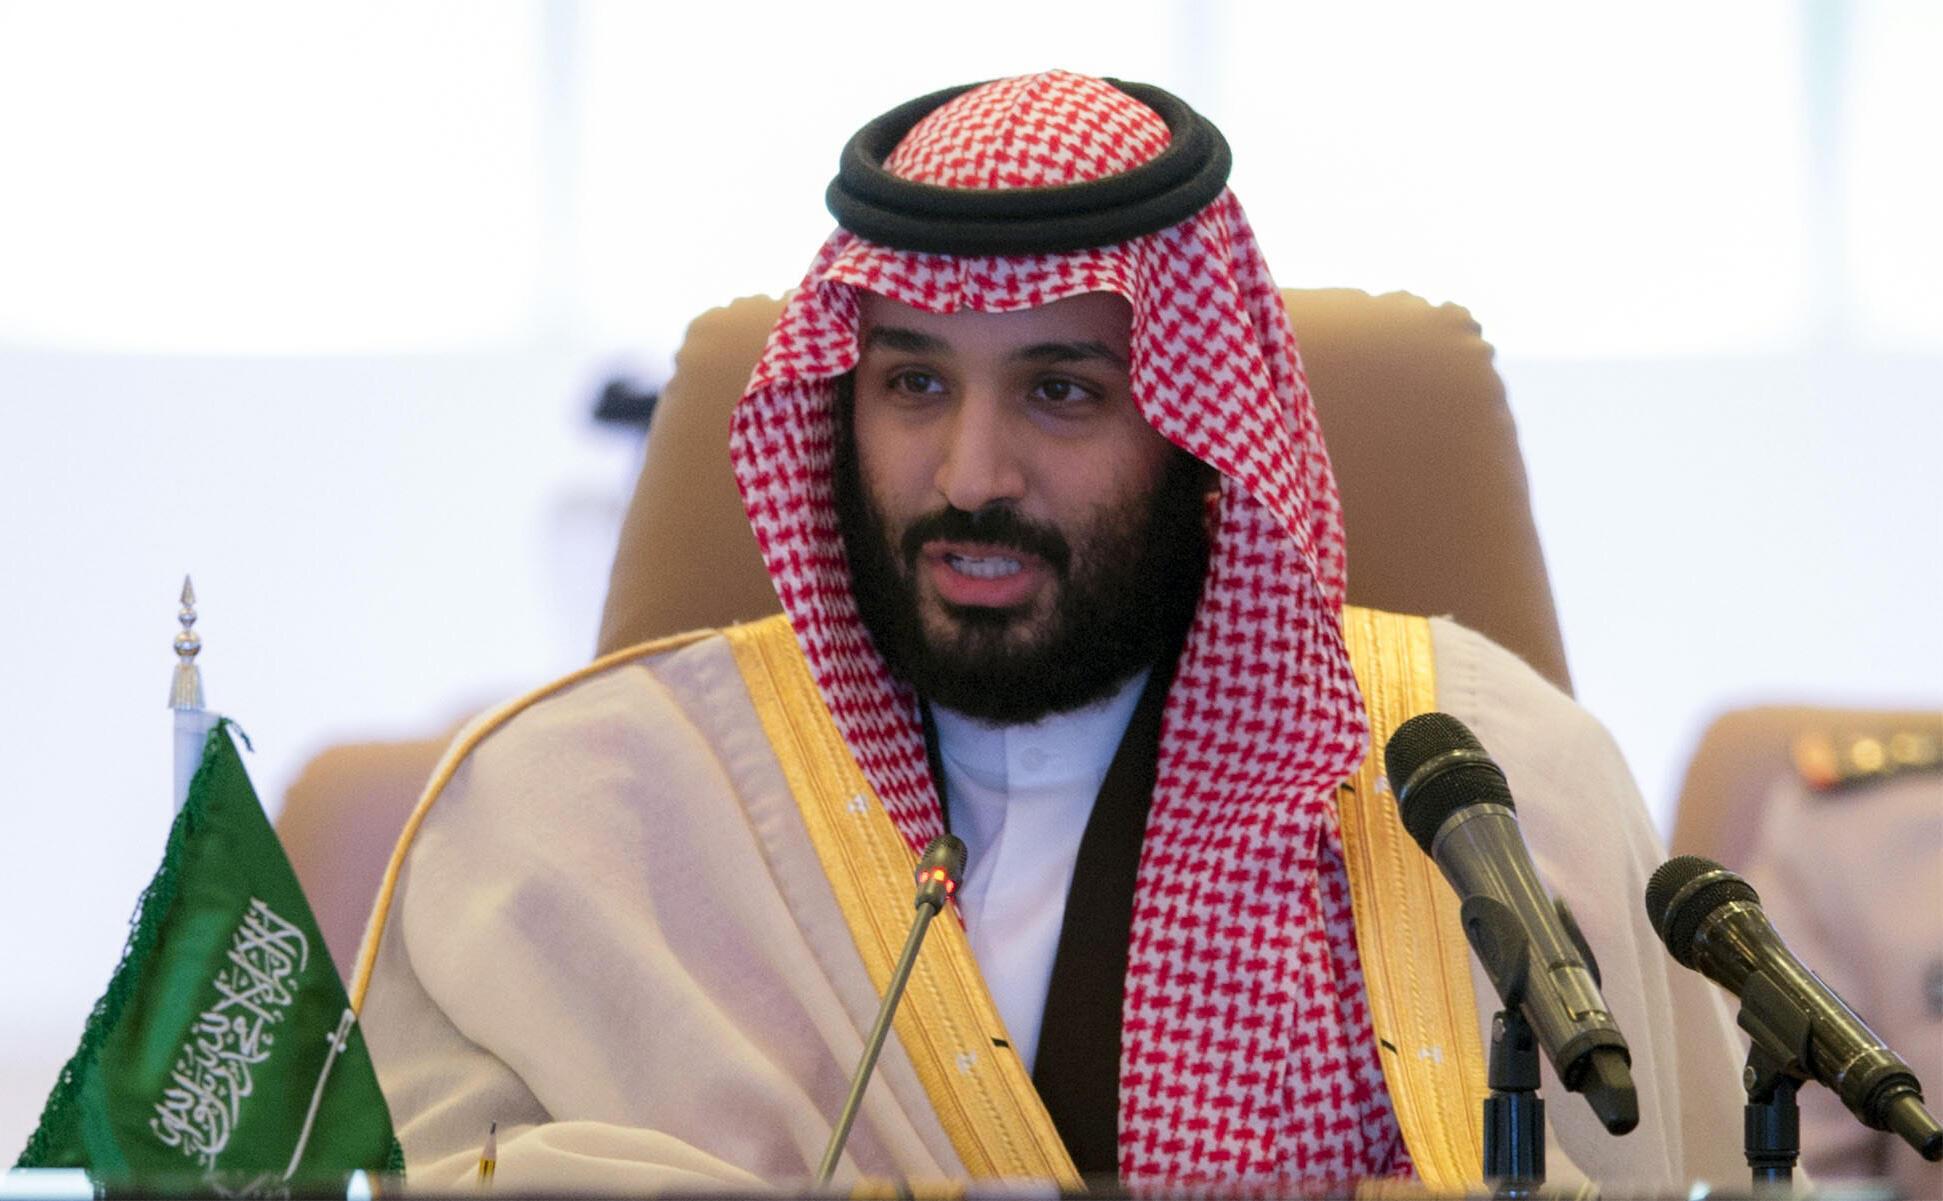 ملک سلمان، ولیعهد عربستان سعودی، خواستار تشکیل جلسات فوقالعاده شورای همکاری خلیج فارس و اتحادیه کشورهای عرب در مکه شد.